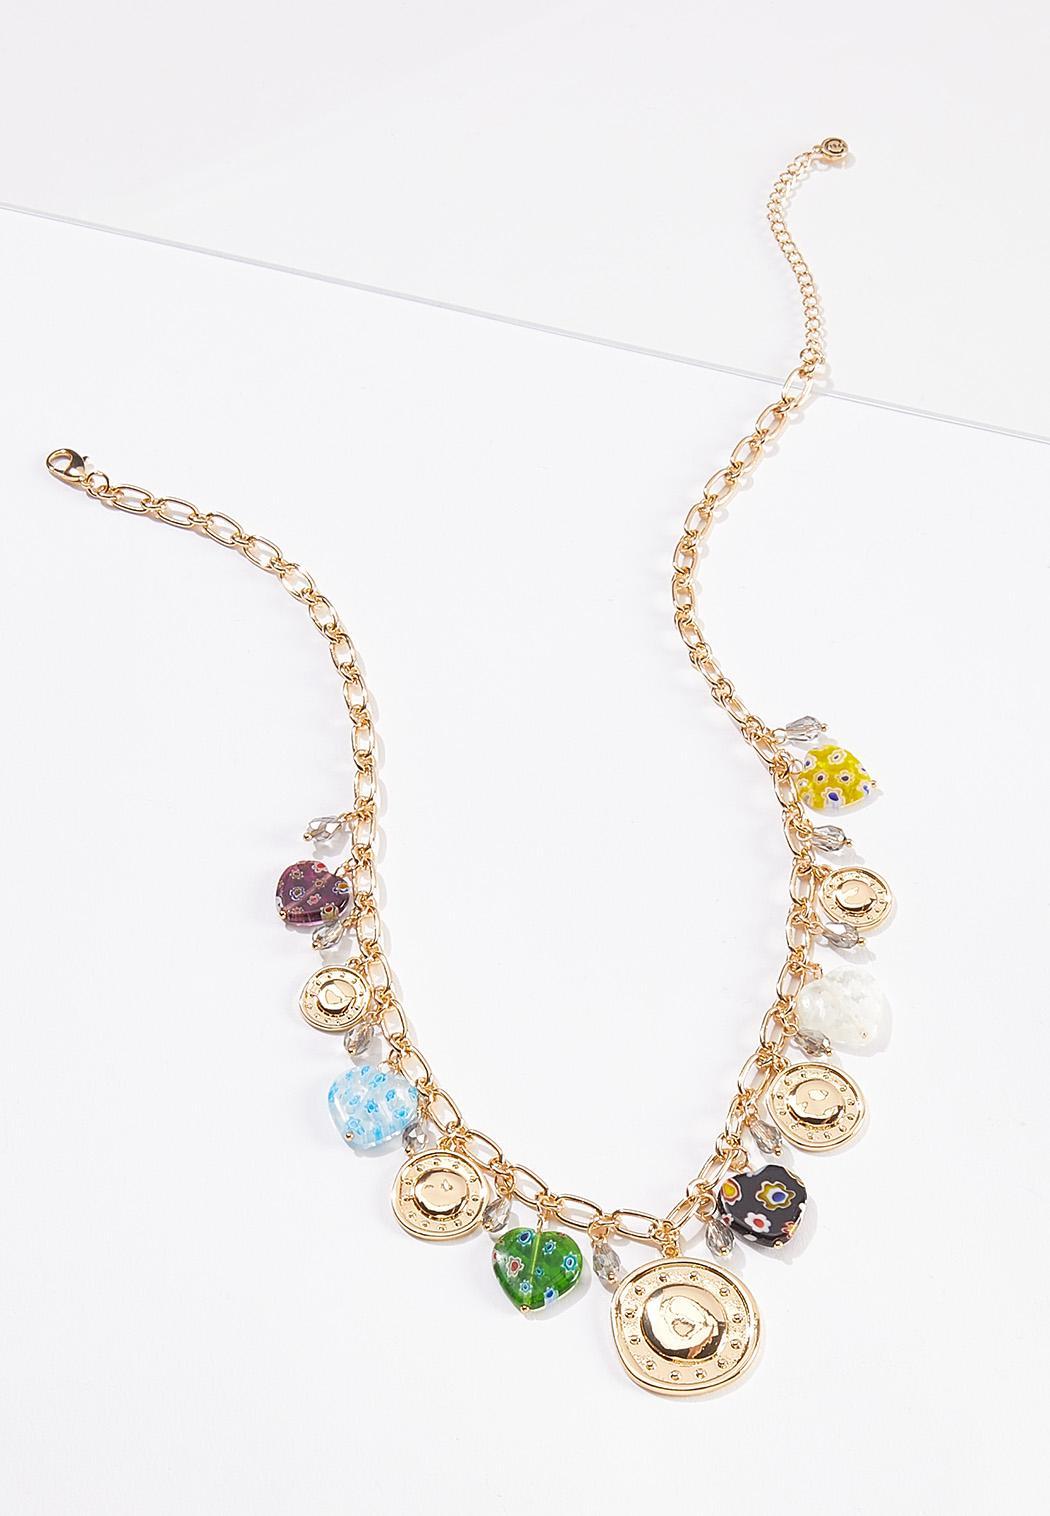 Mixed Shaky Charm Necklace